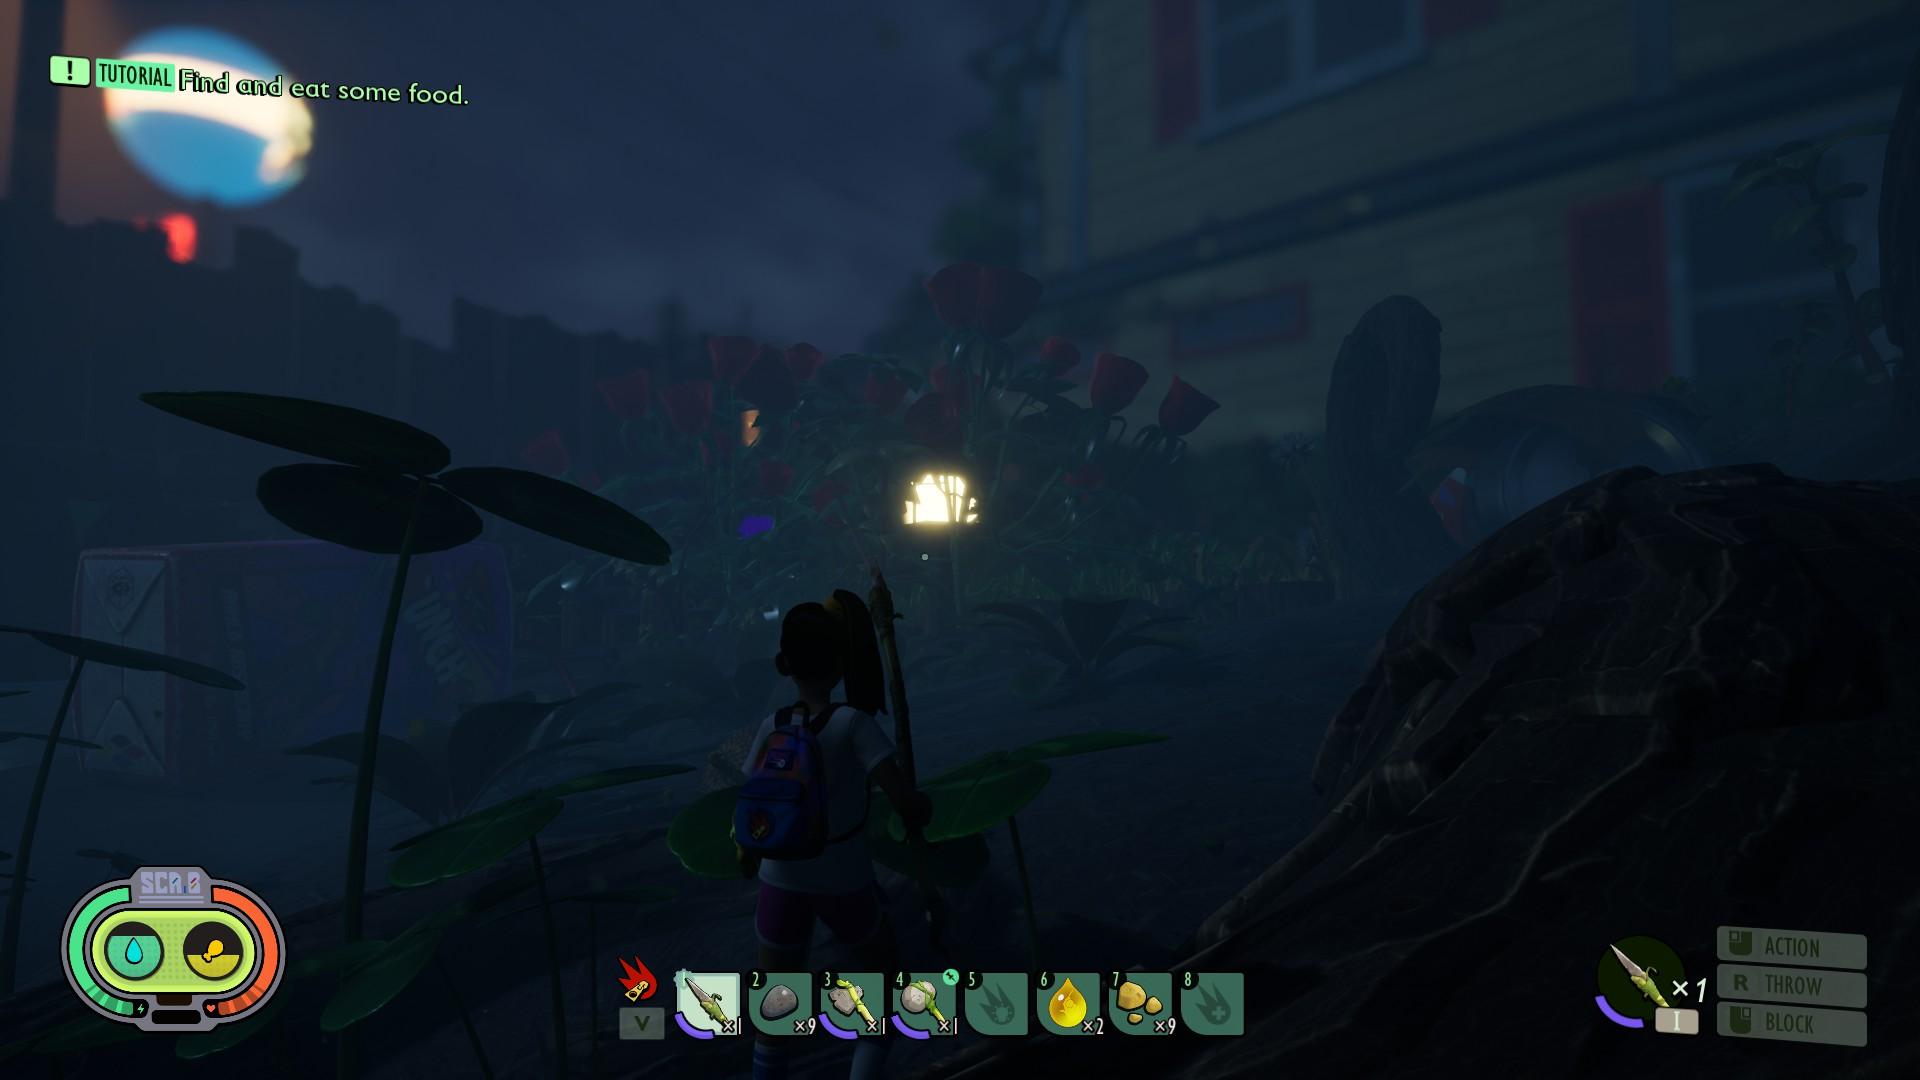 Una vista nocturna del jardín, con la casa visible en la distancia.  A media distancia hay una misteriosa fuente de luz.